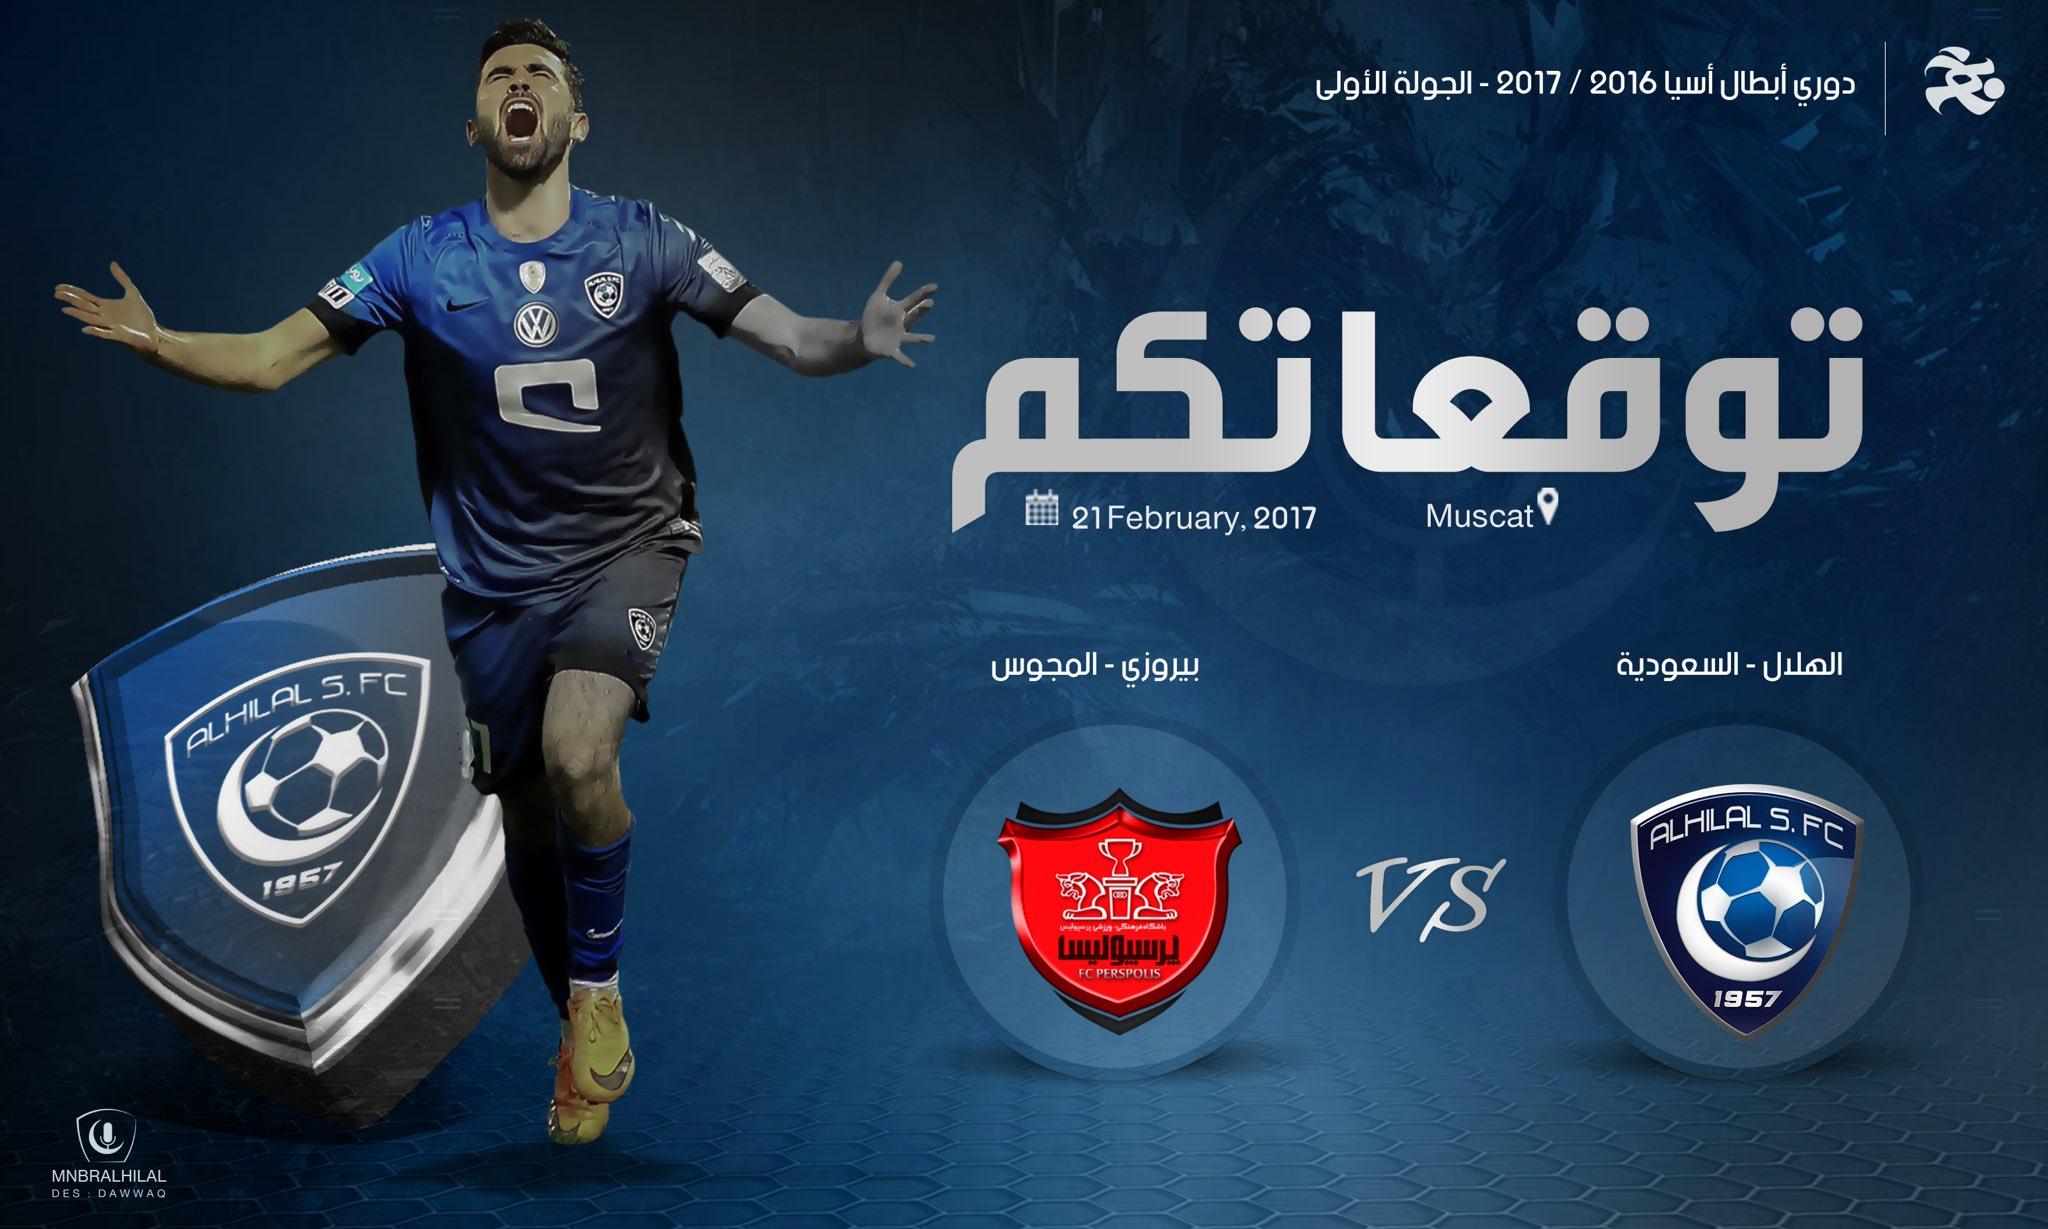 مباراة الهلال السعودي وبيروزي الإيراني يتواجهان اليوم في عمان بدوري أبطال آسيا 2017